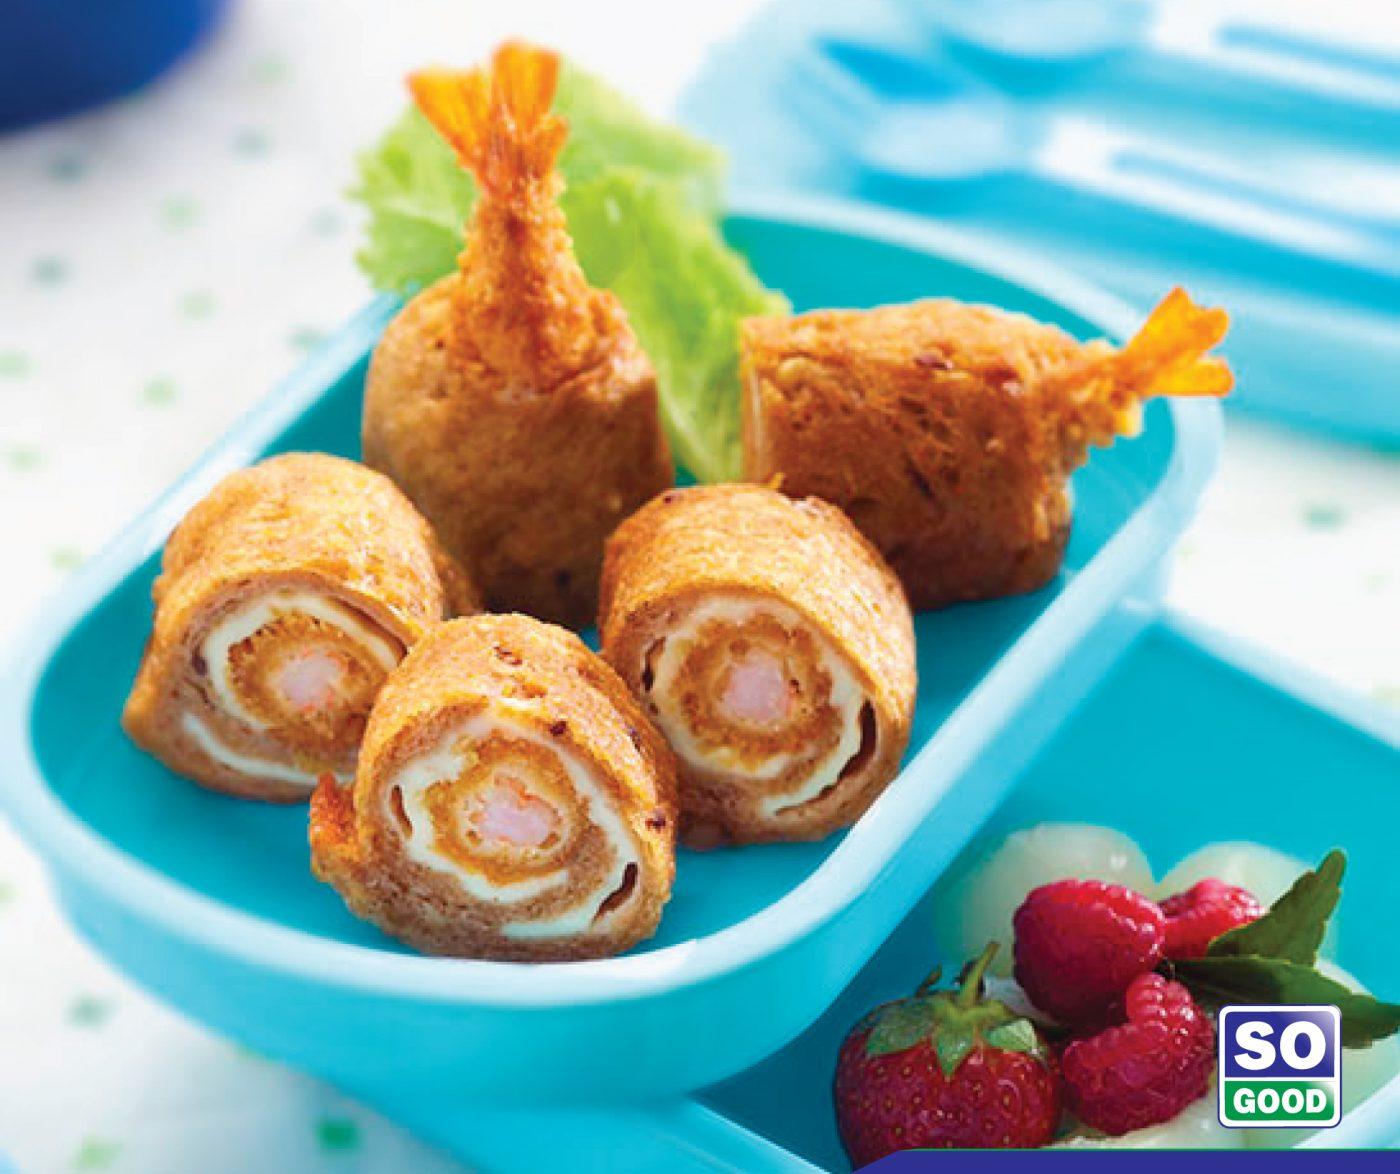 Image Roti Goreng Gulung With So Good Ebi Panko